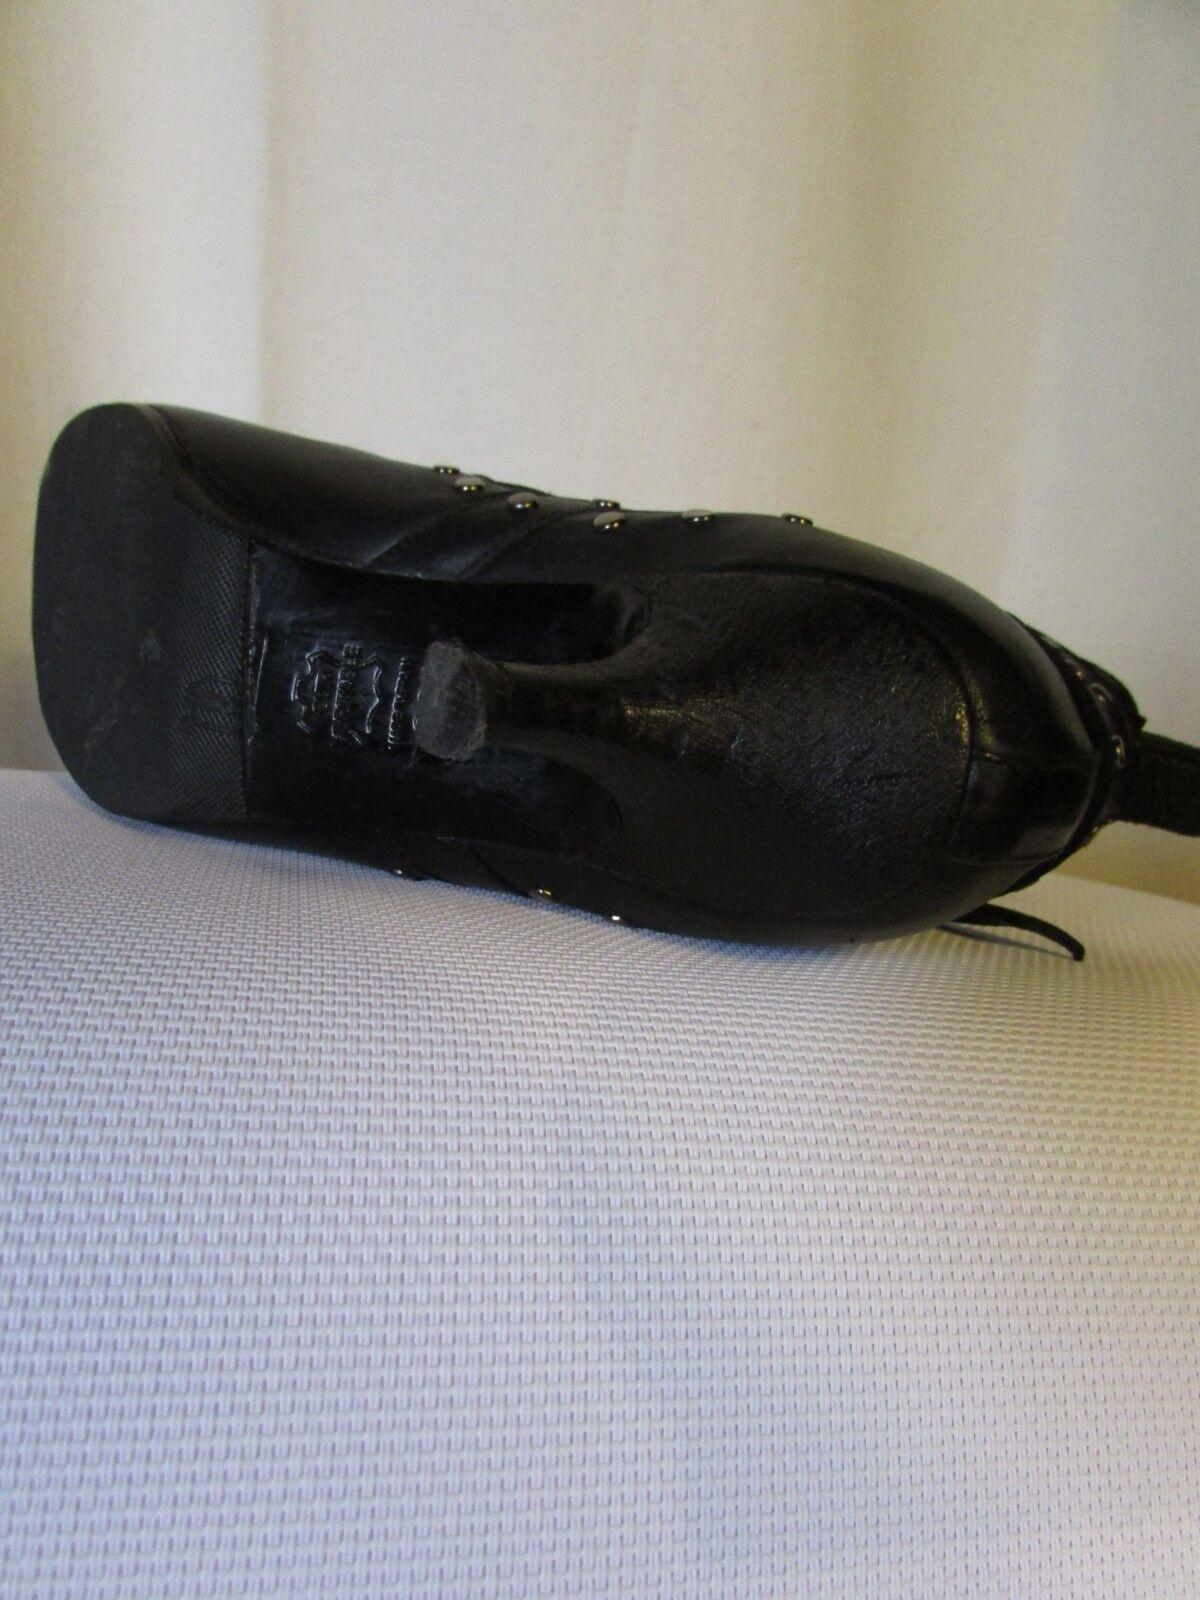 Stiefel/stiefletten 38 athé vanessa bruno schwarzes leder nietenbesetzt größe 38 Stiefel/stiefletten 331124